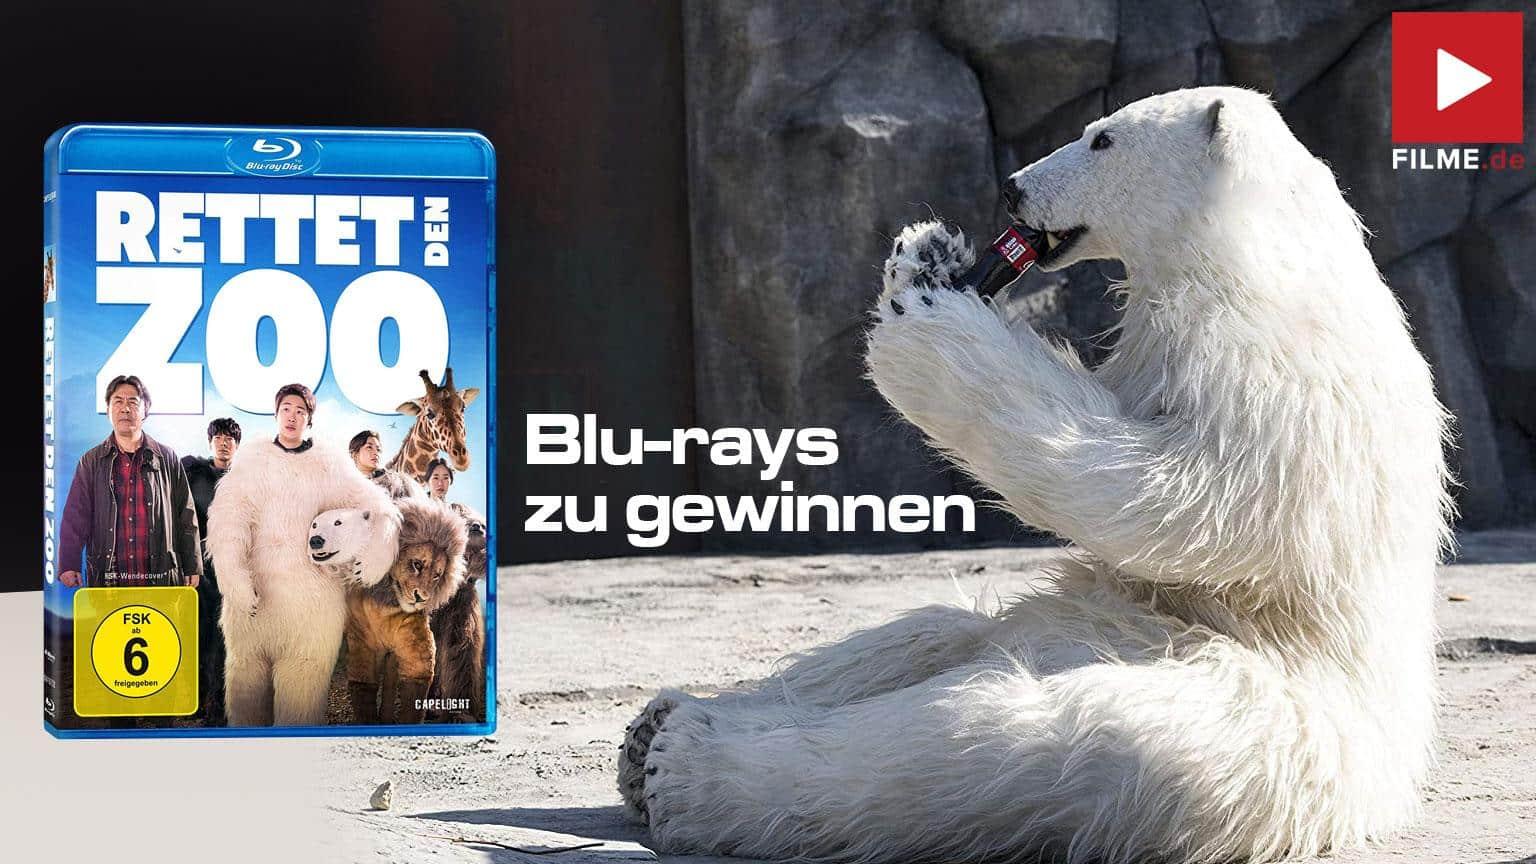 Rettet den Zoo Film 2020 Gewinnspiel gewinnen Shop kaufen Blu-ray DVD Artikelbild